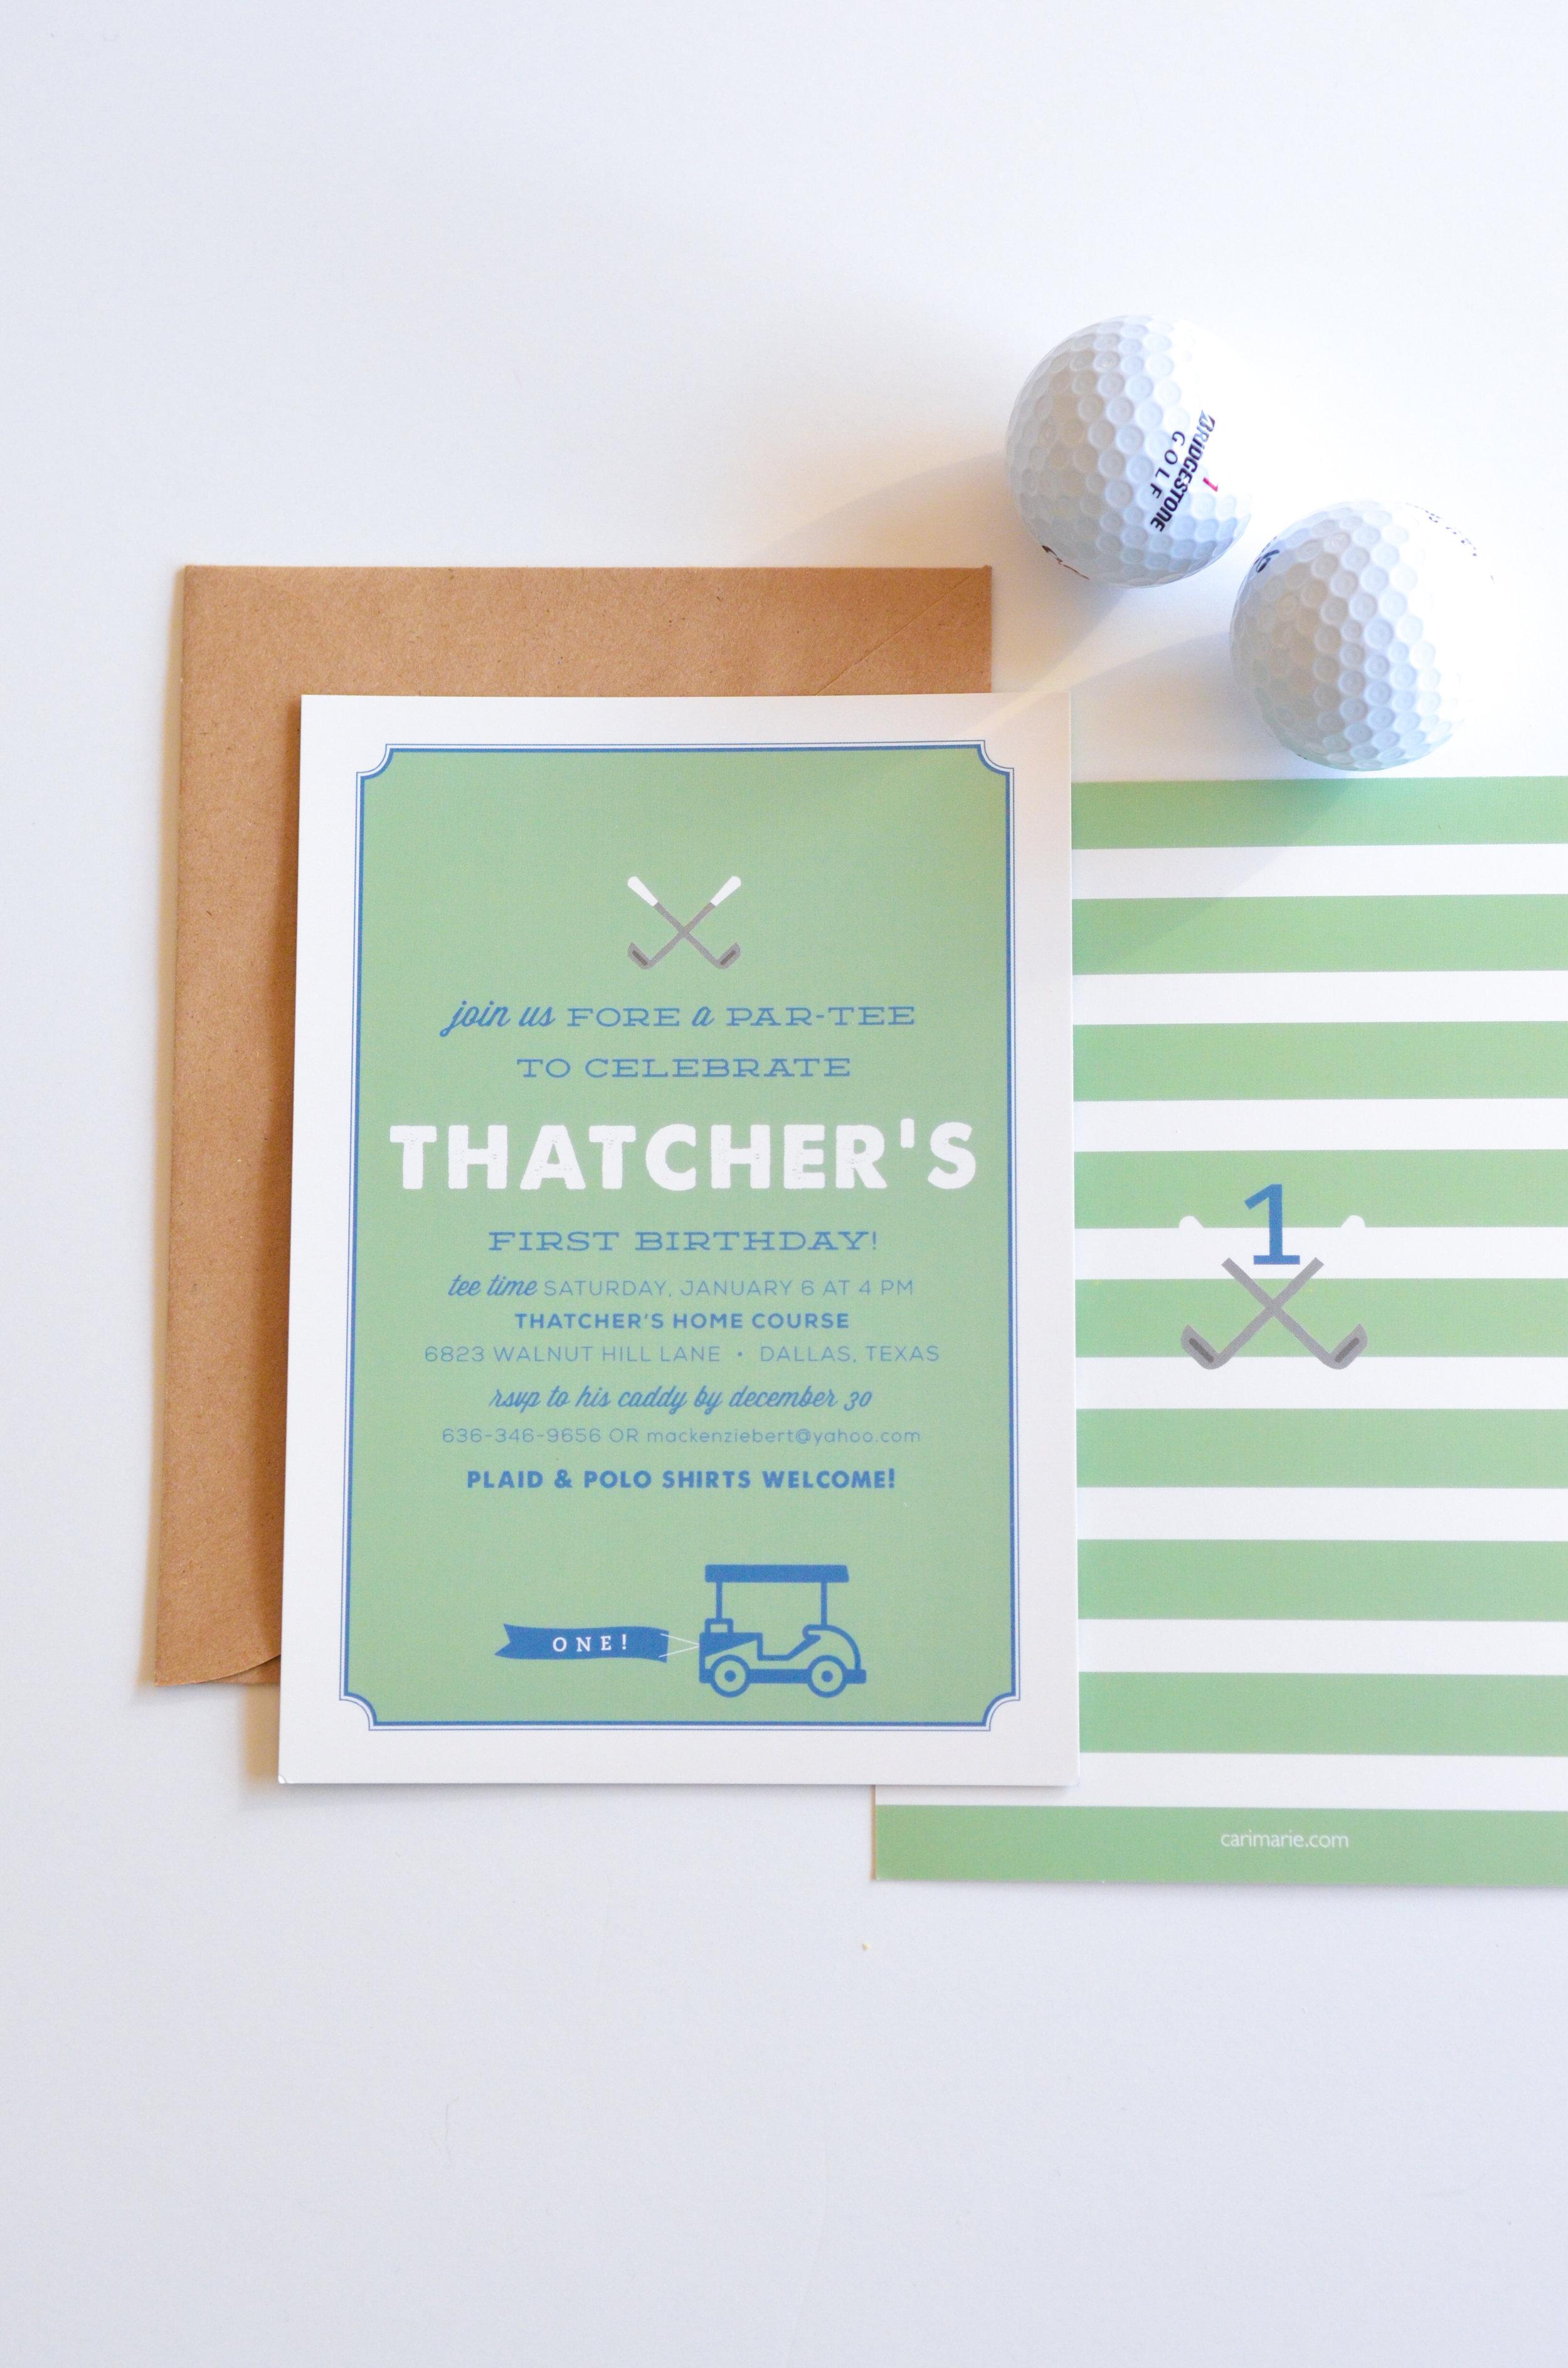 thatcher_1stbirthday-1.jpg